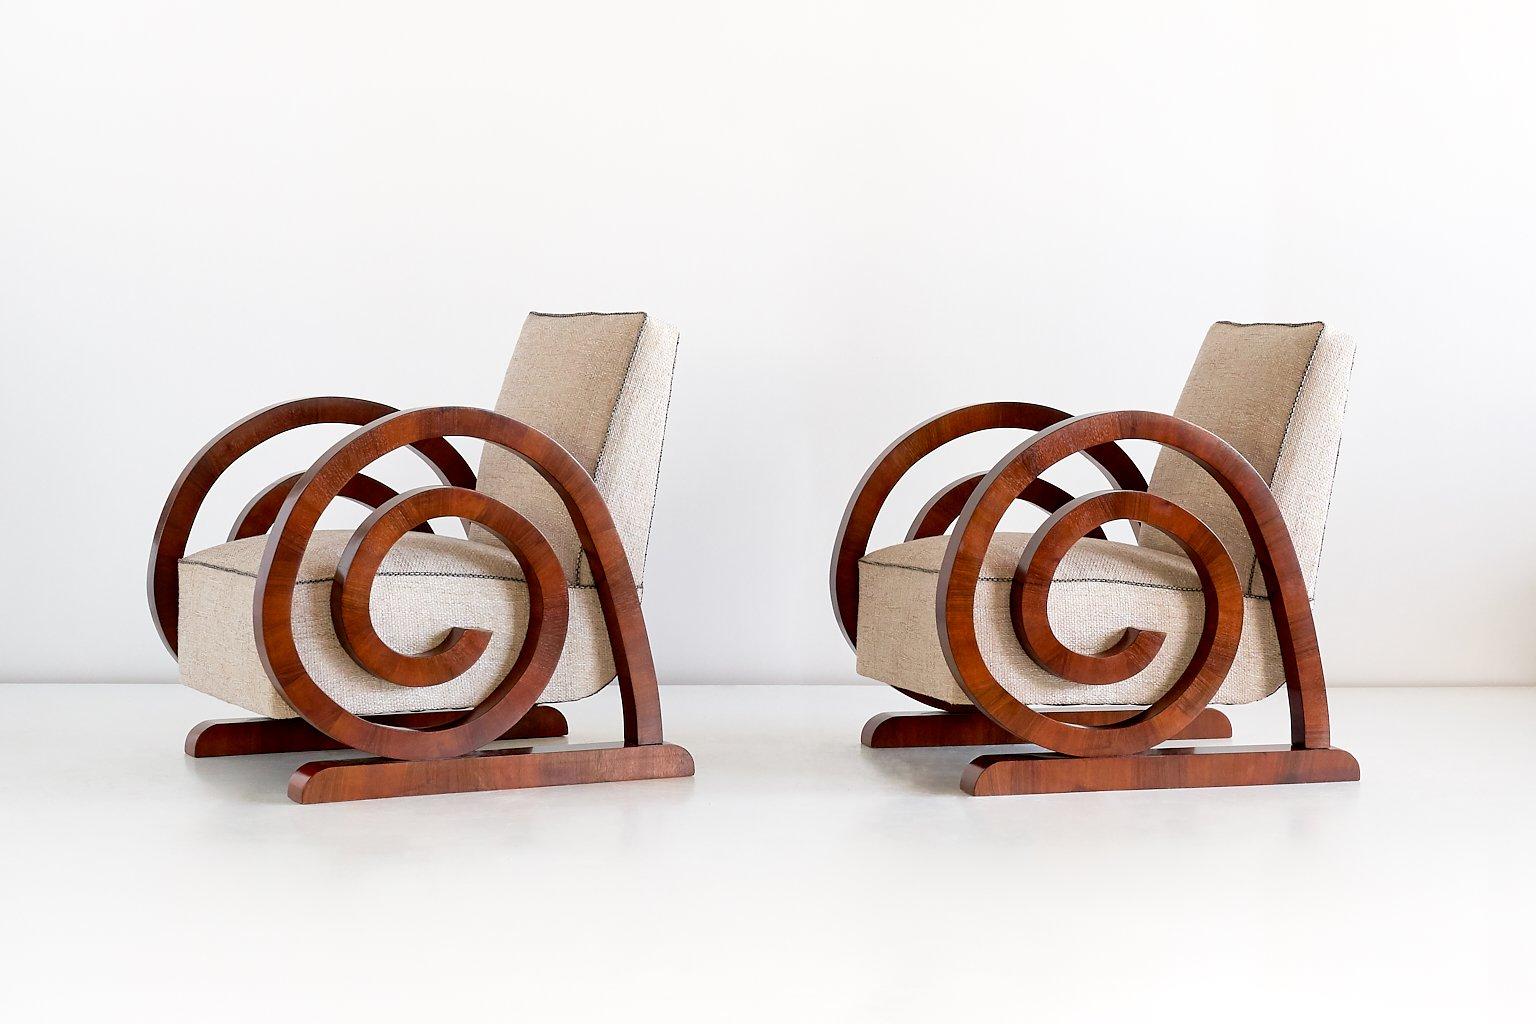 Art Deco Armchairs In Walnut Veneer 1930s Set Of 2 For